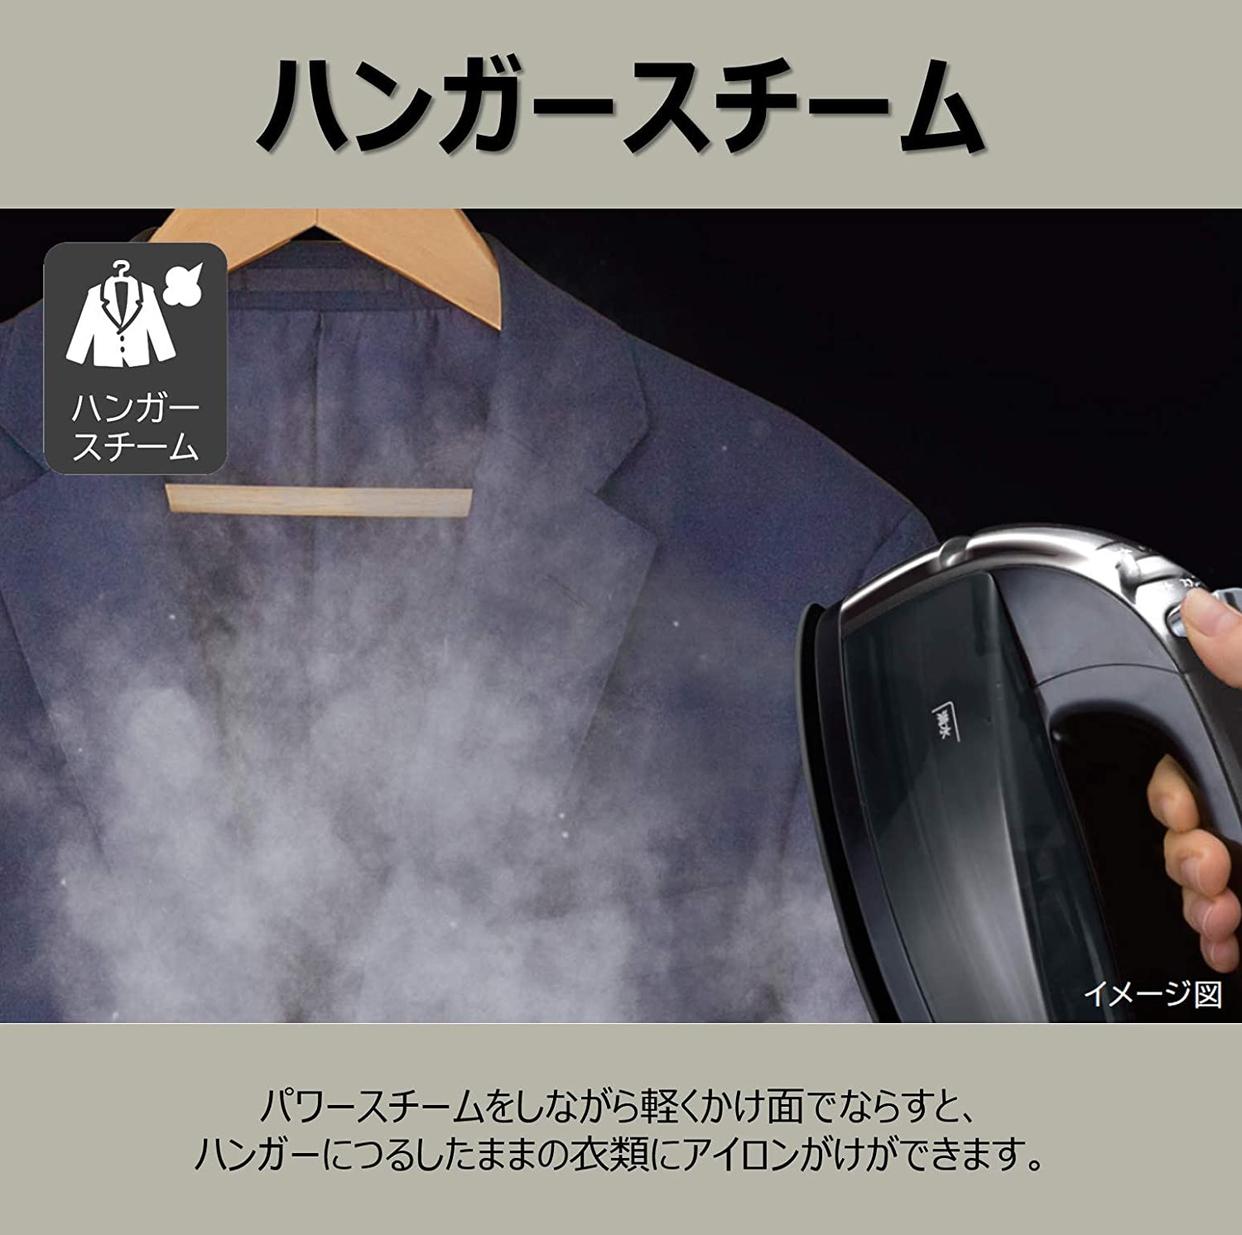 日立(HITACHI) コードレススチームアイロン CSI-307の商品画像4